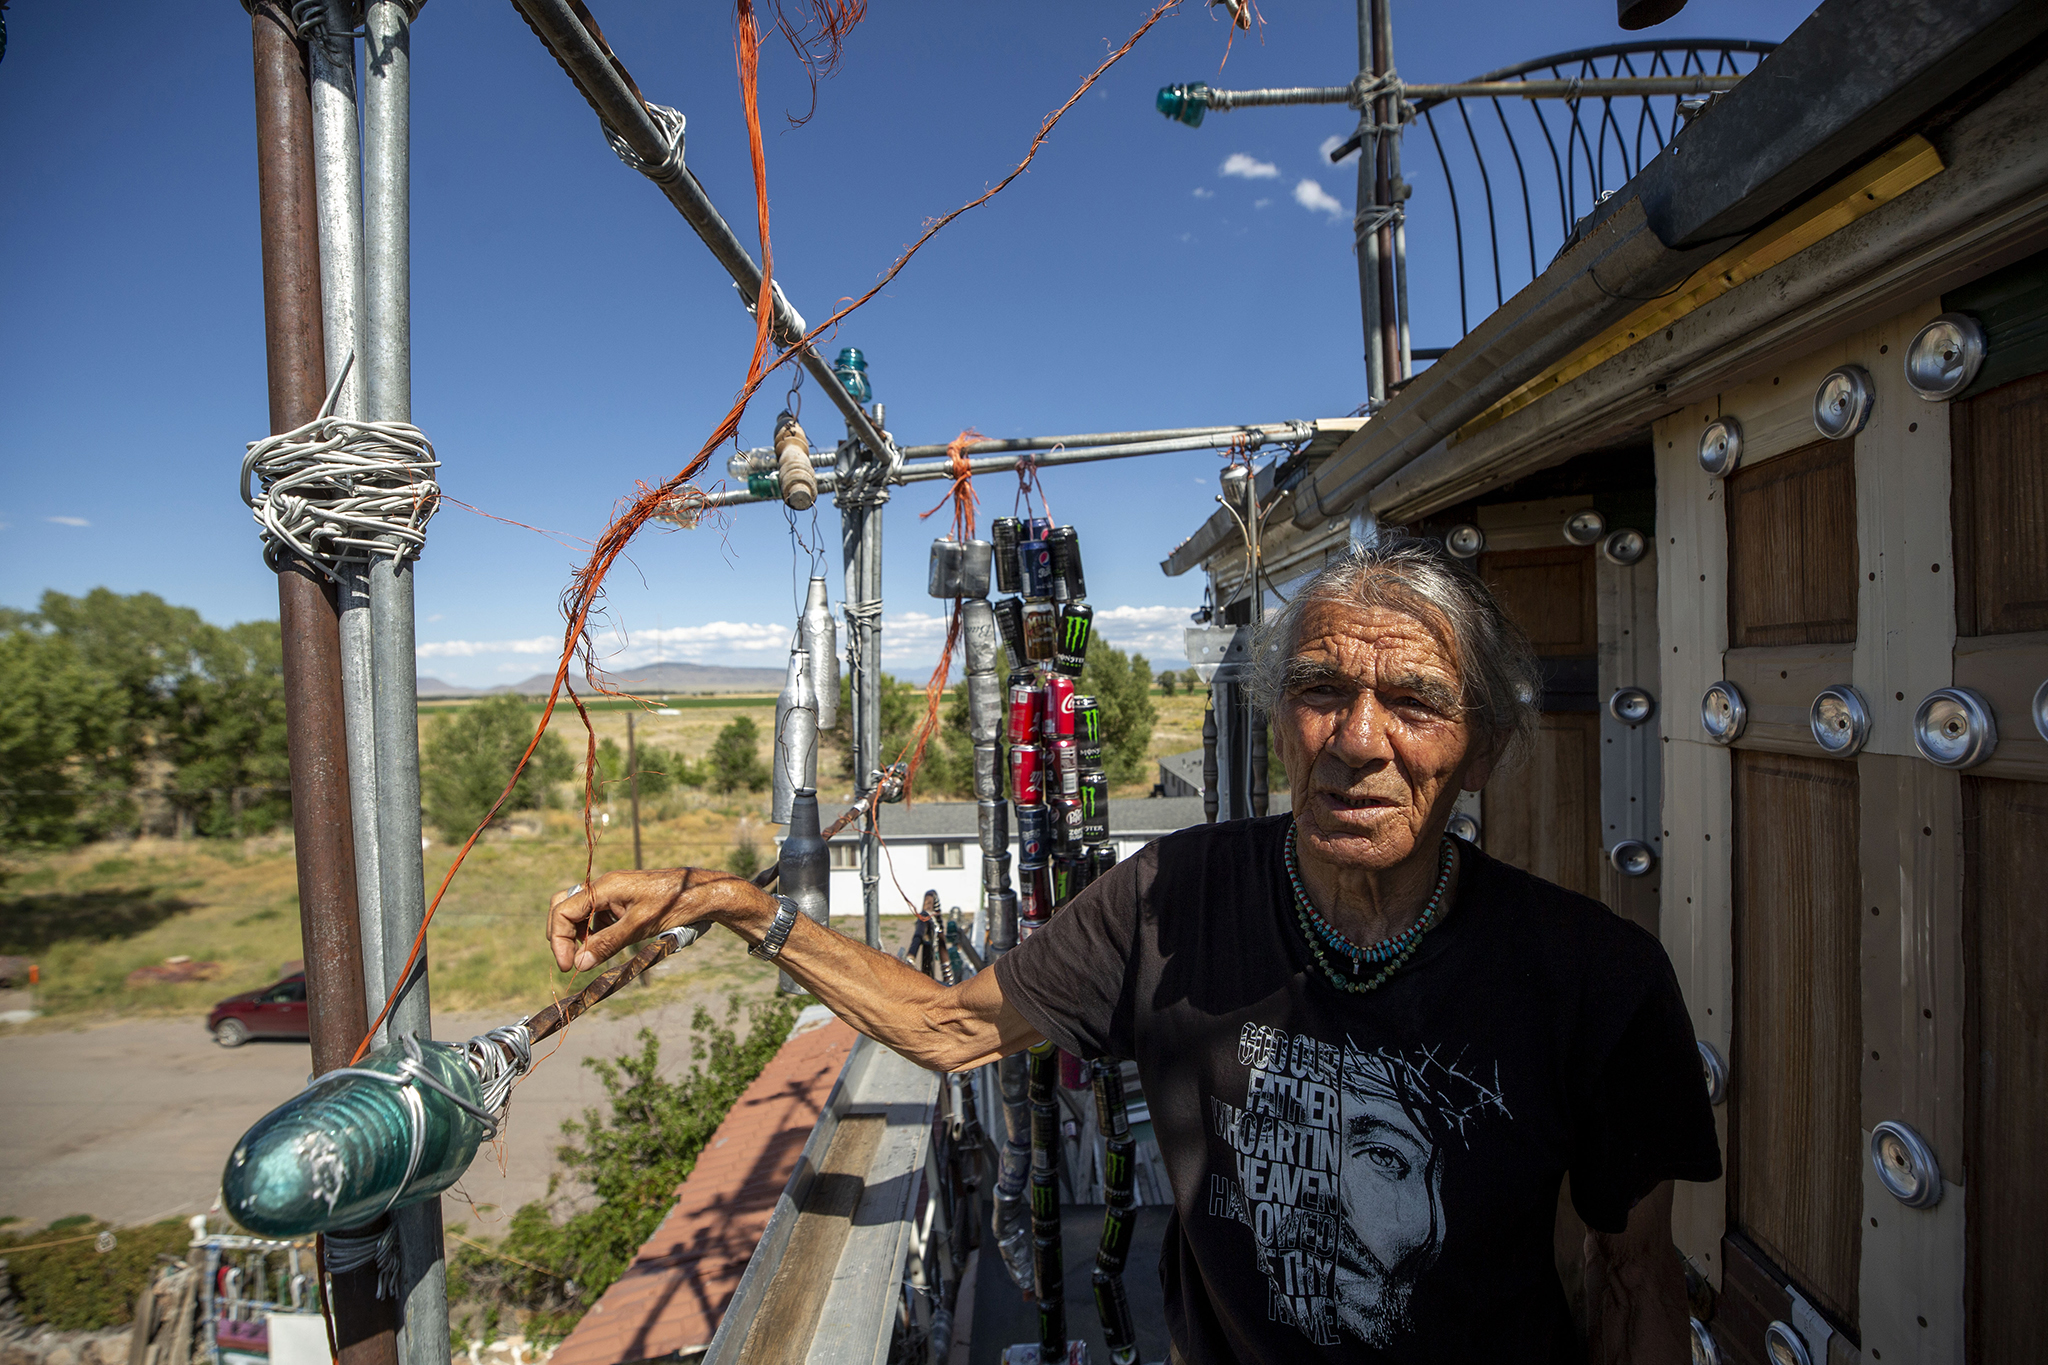 Dominic 'Cano' Espinoza at his home in Antonito. Aug. 25, 2021.